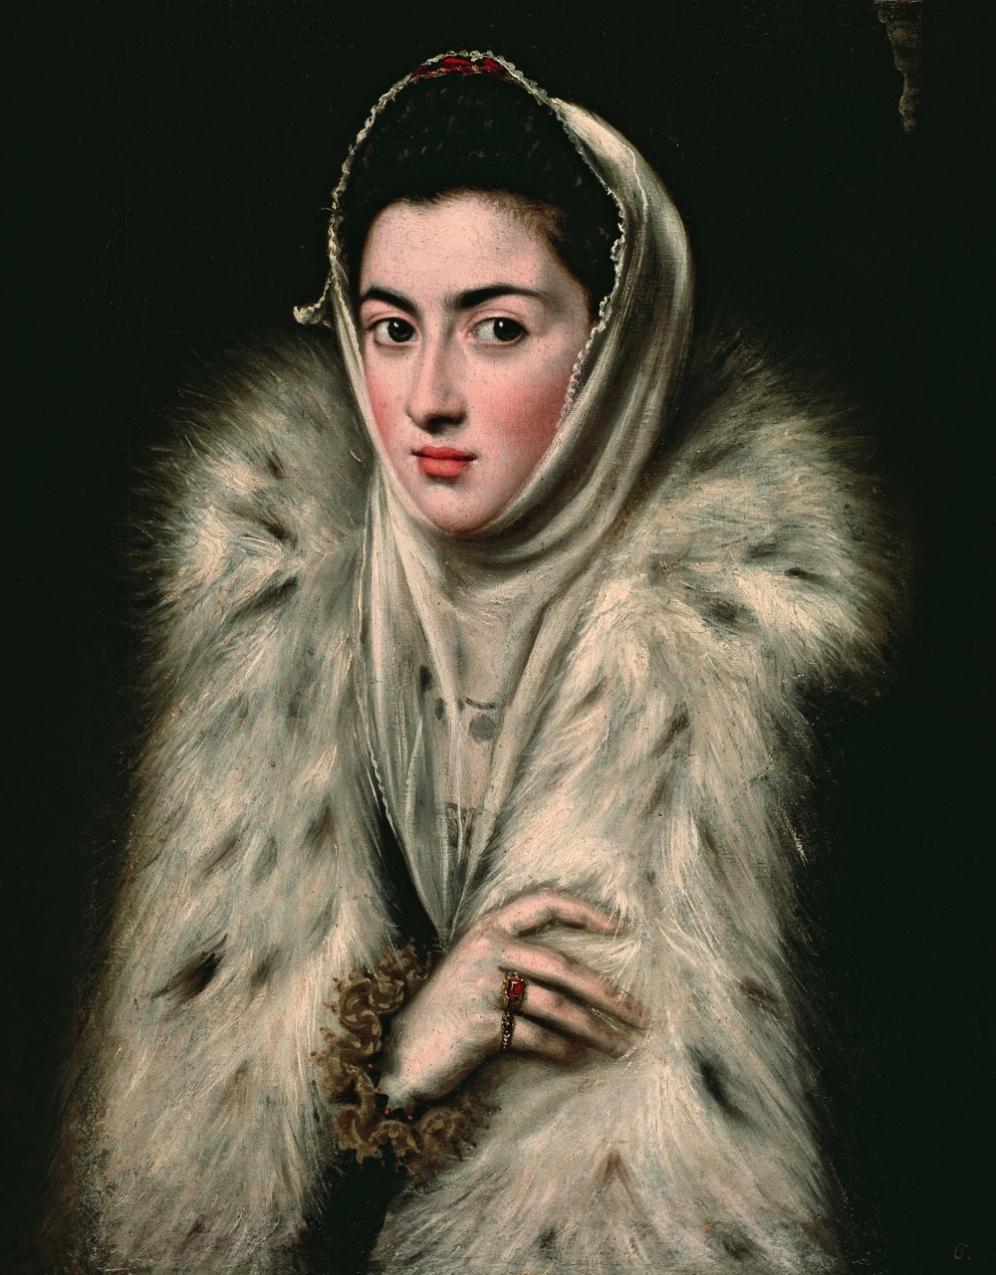 Dama del Armiño, tradicionalmente atribuida al Greco